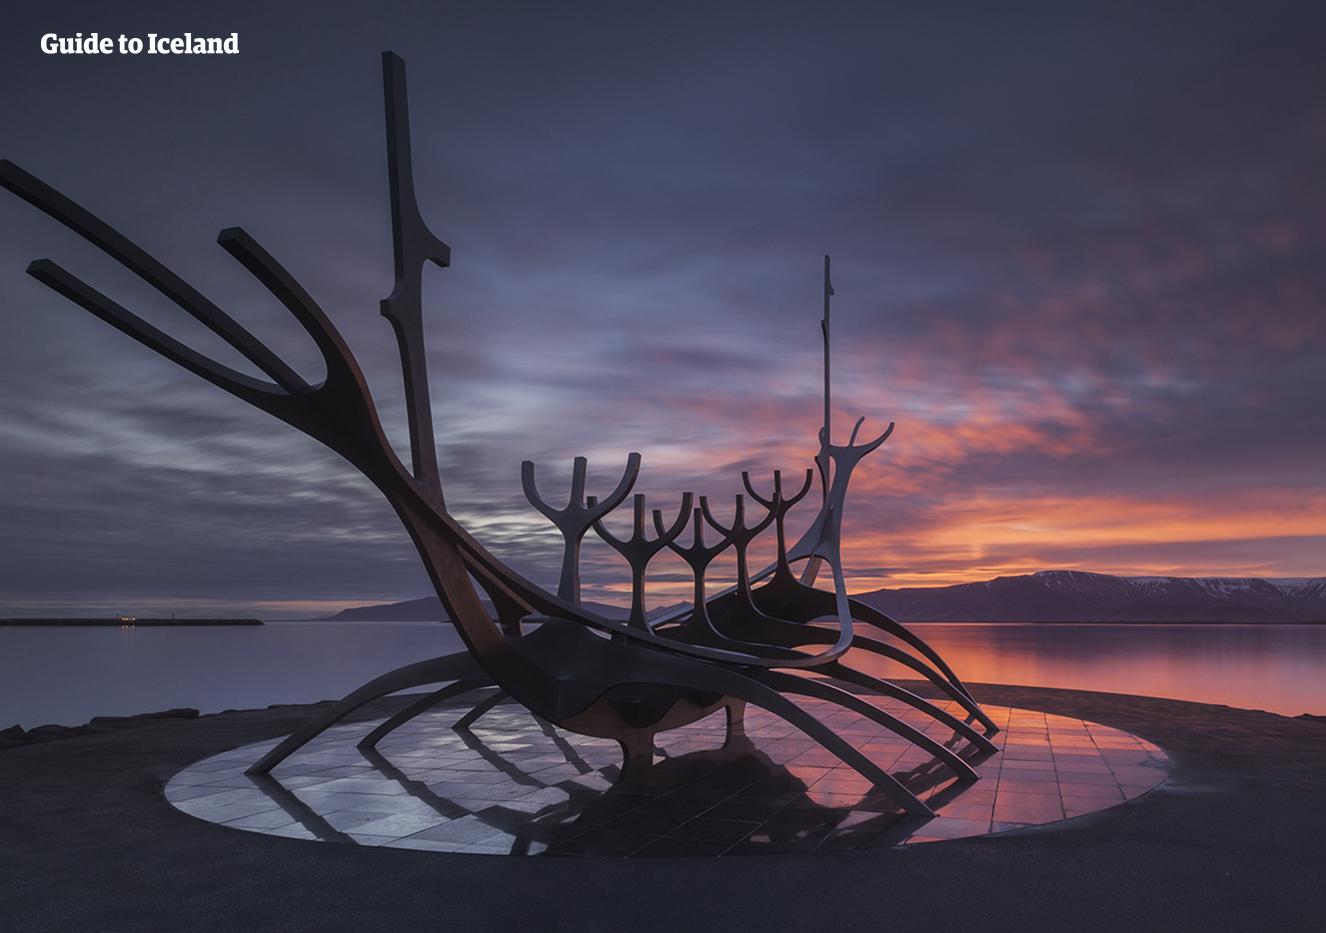 Sommersolens siste stråler over fjellet Esja, som ligger rett utenfor Reykjavík